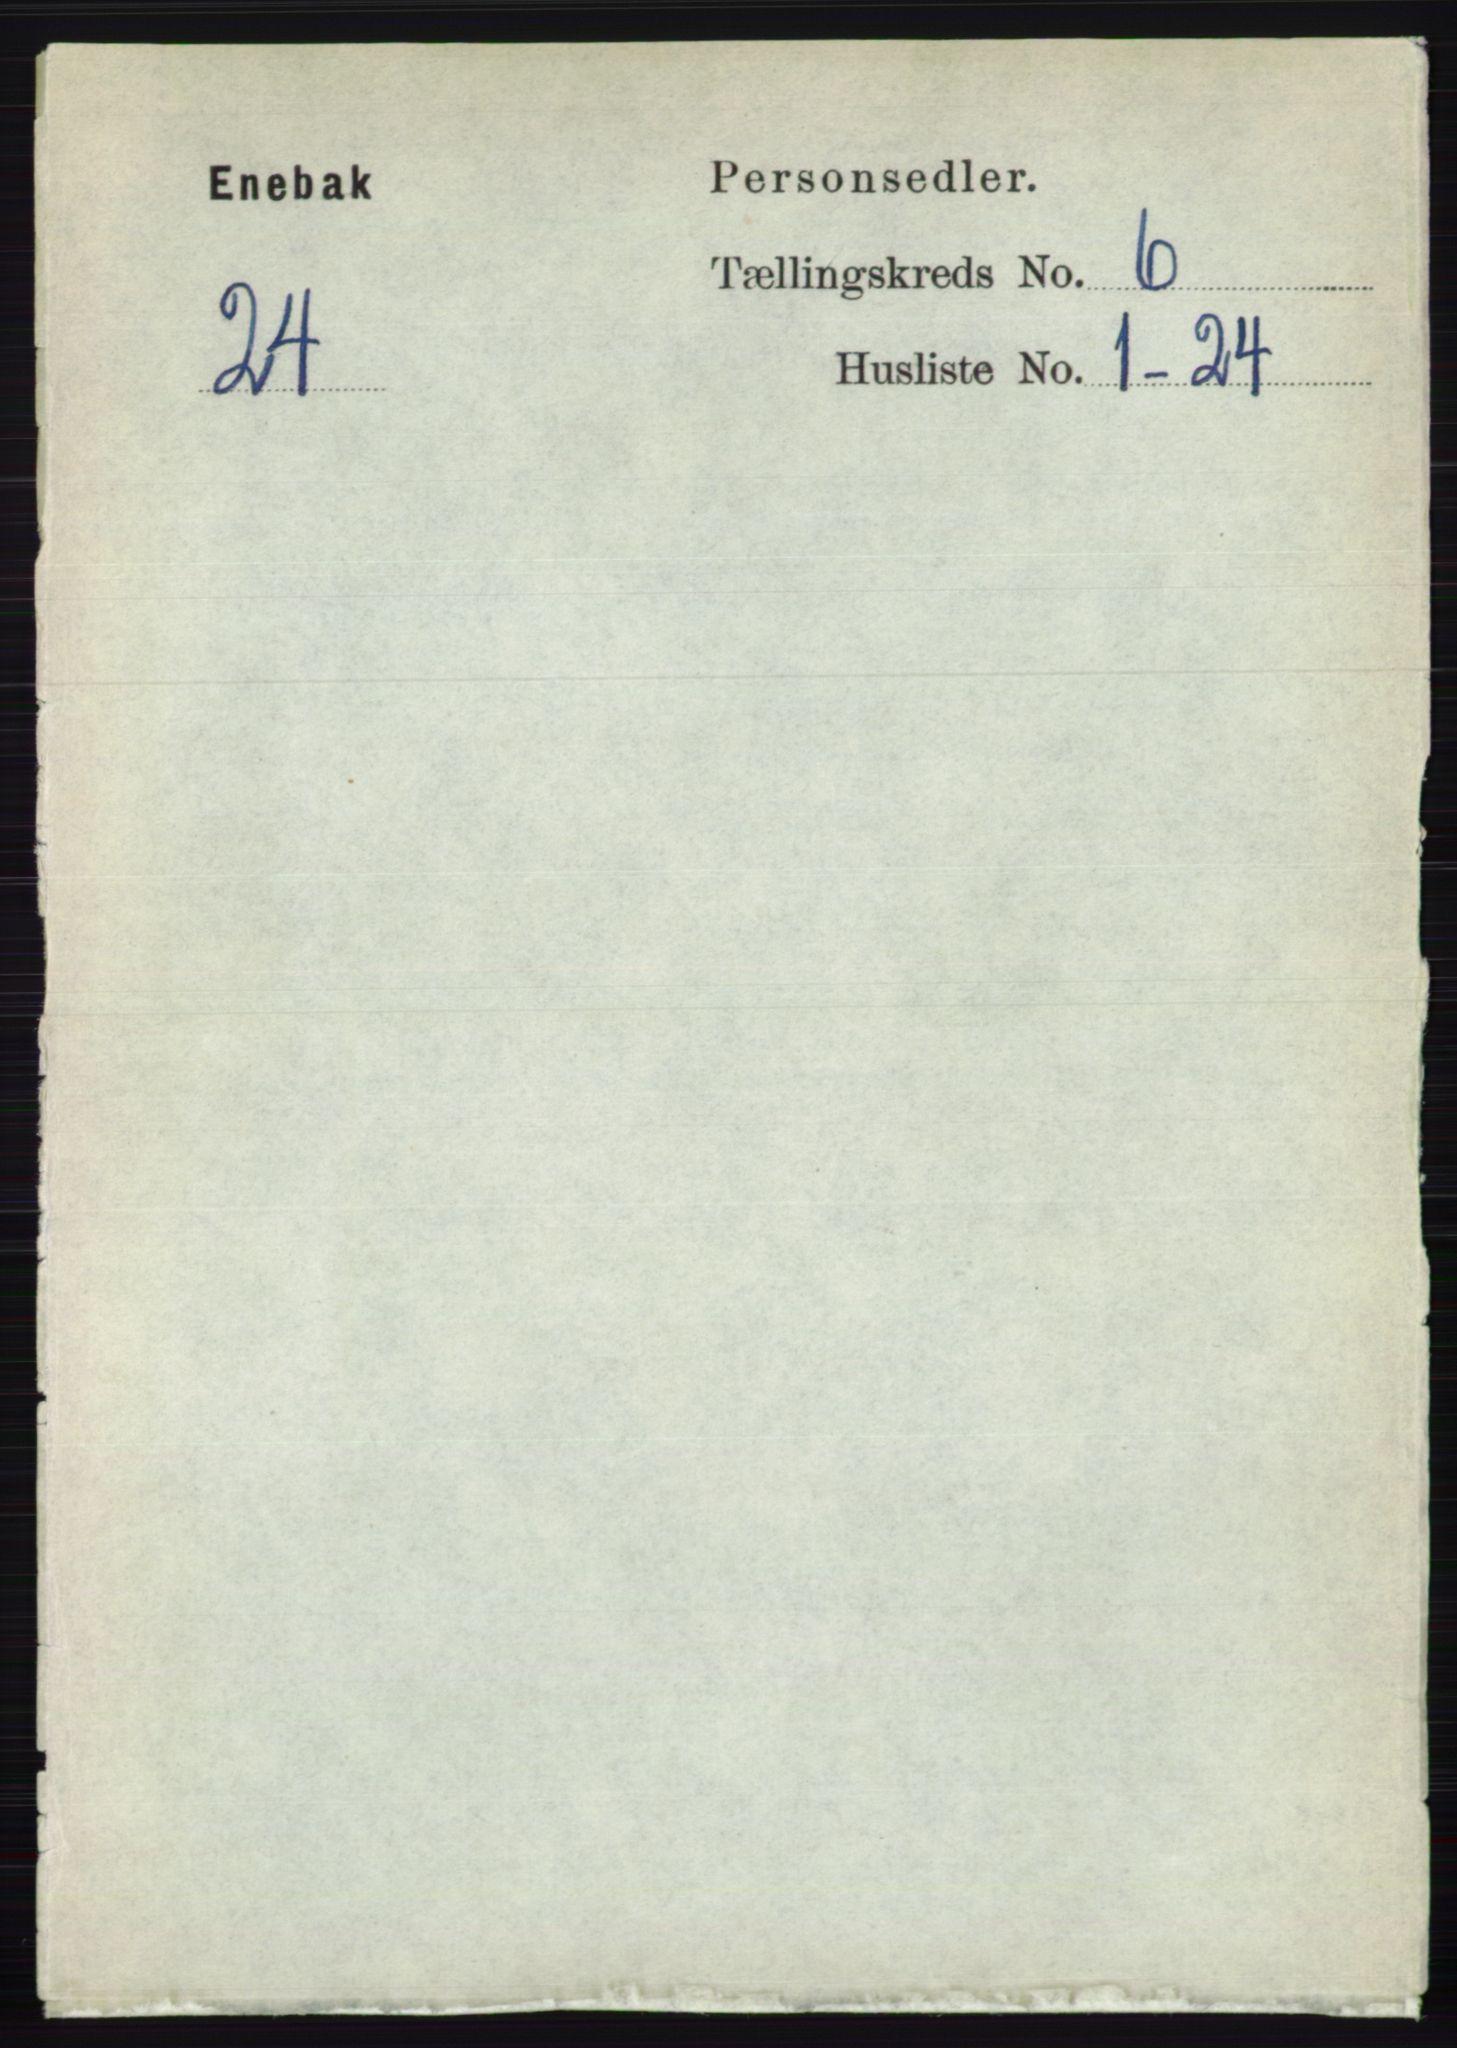 RA, Folketelling 1891 for 0229 Enebakk herred, 1891, s. 2897